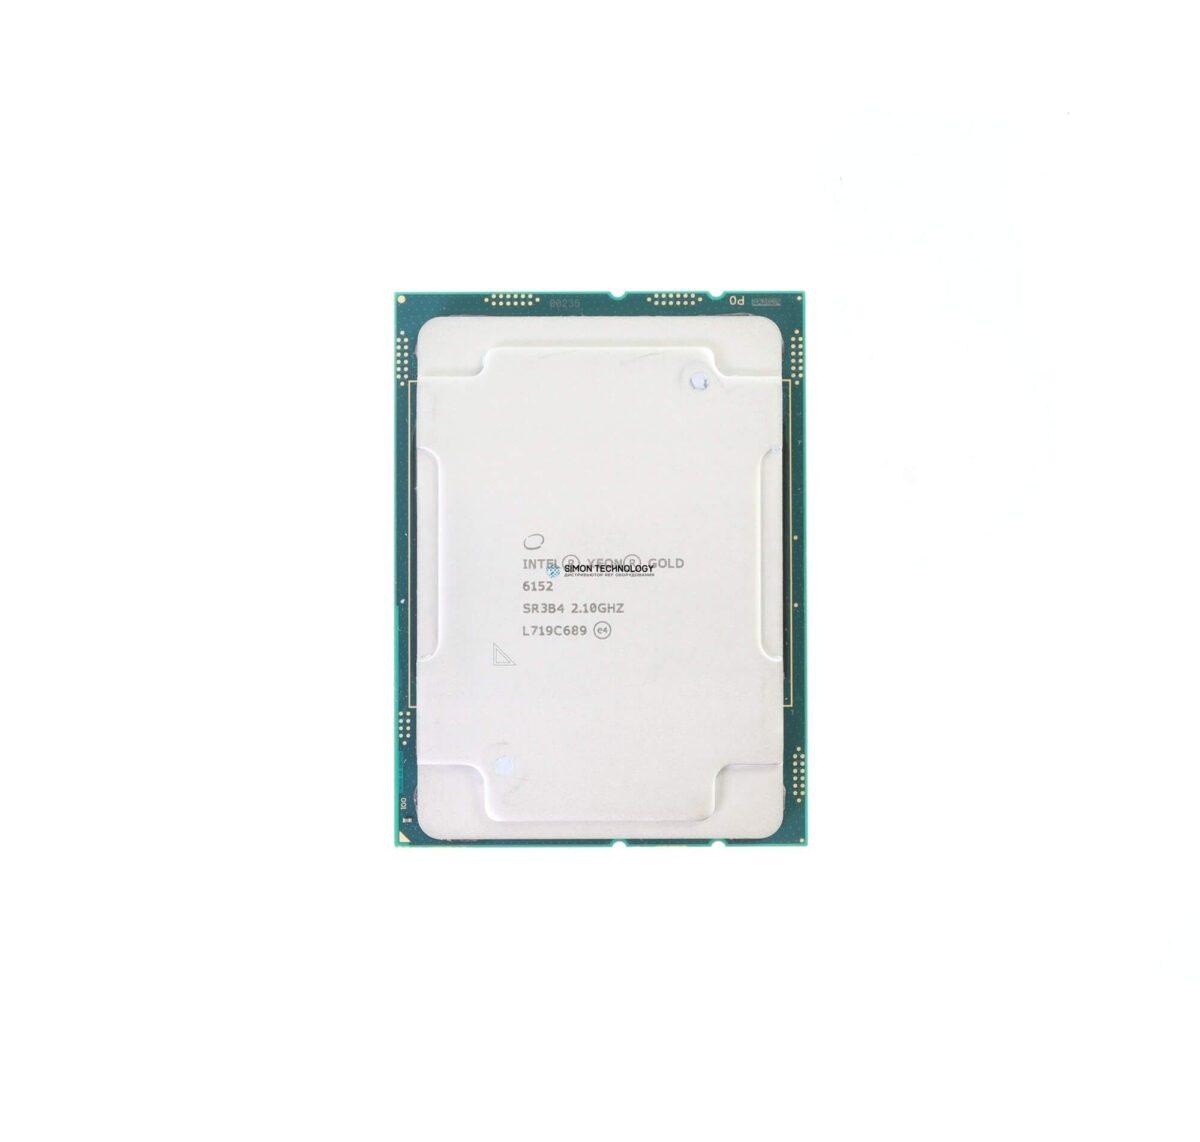 Процессор Intel Xeon Gold 6152 22C 2.1GHz 30.2MB 140W Processor (CD8067303406000)